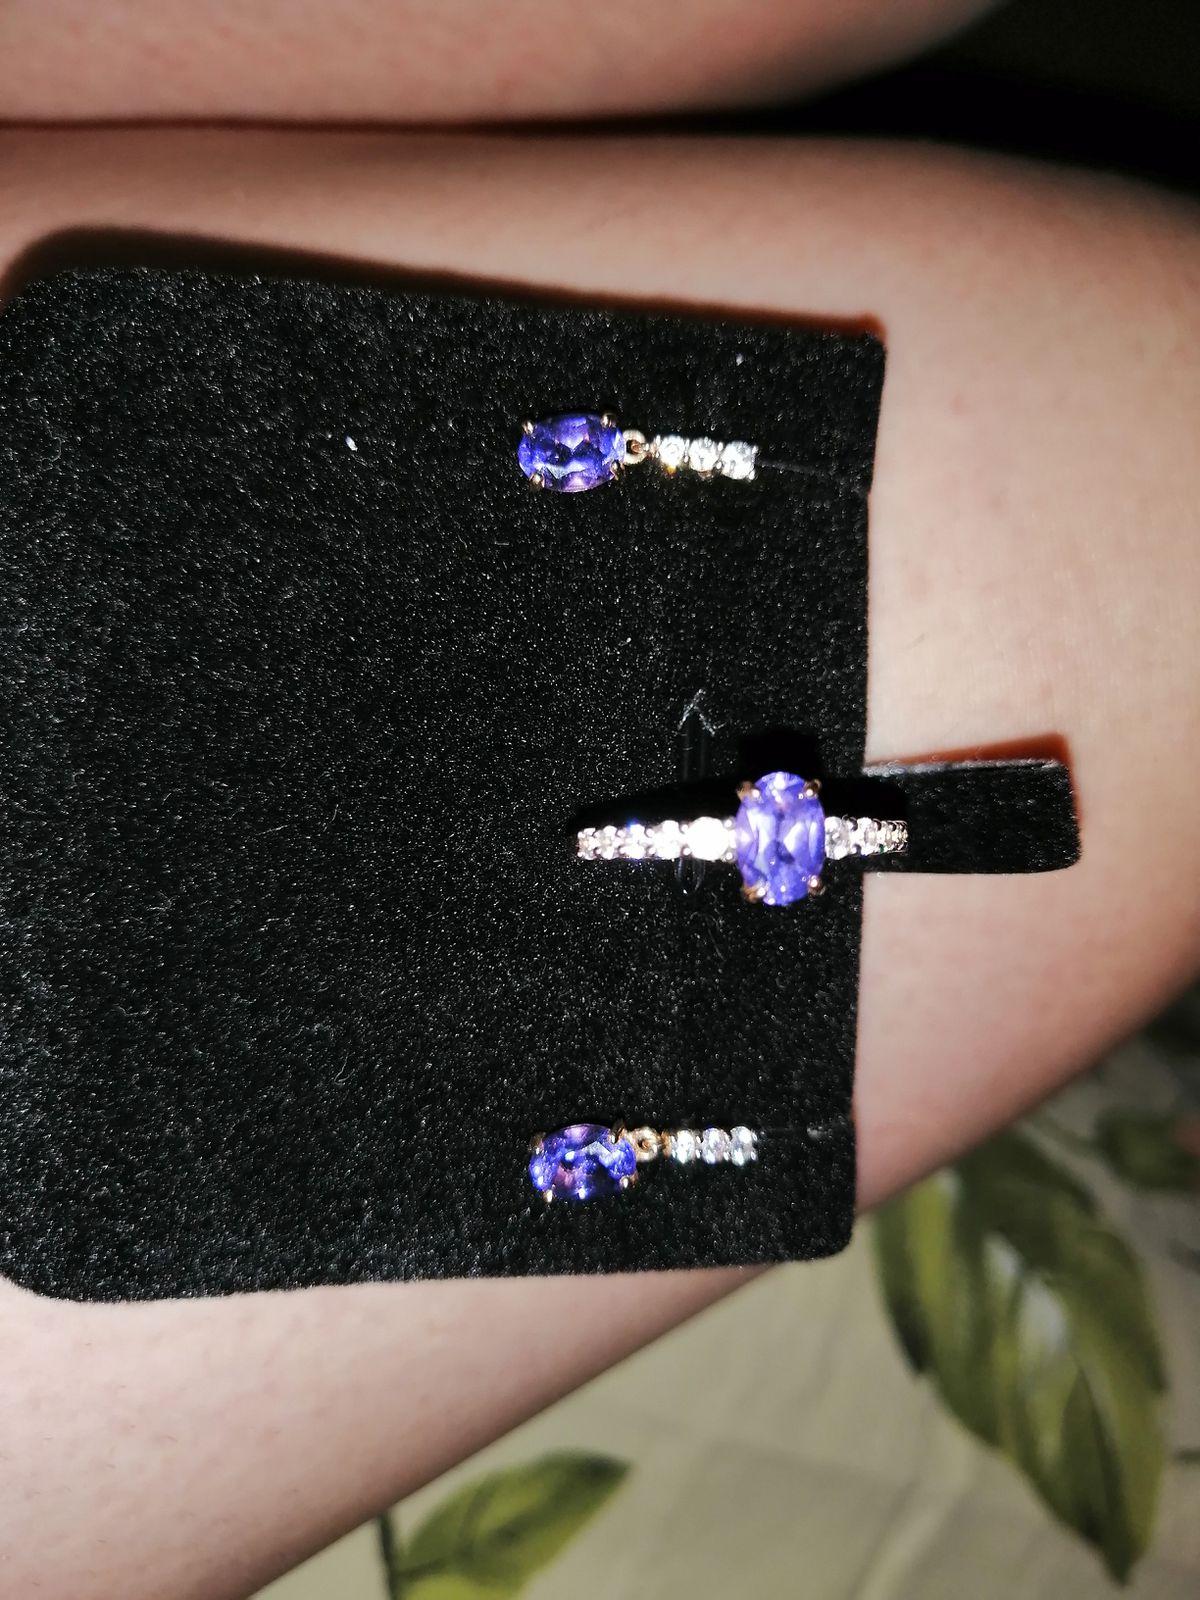 Купила в наборе, серьги и кольцо, смотрится изящно и очень красиво.